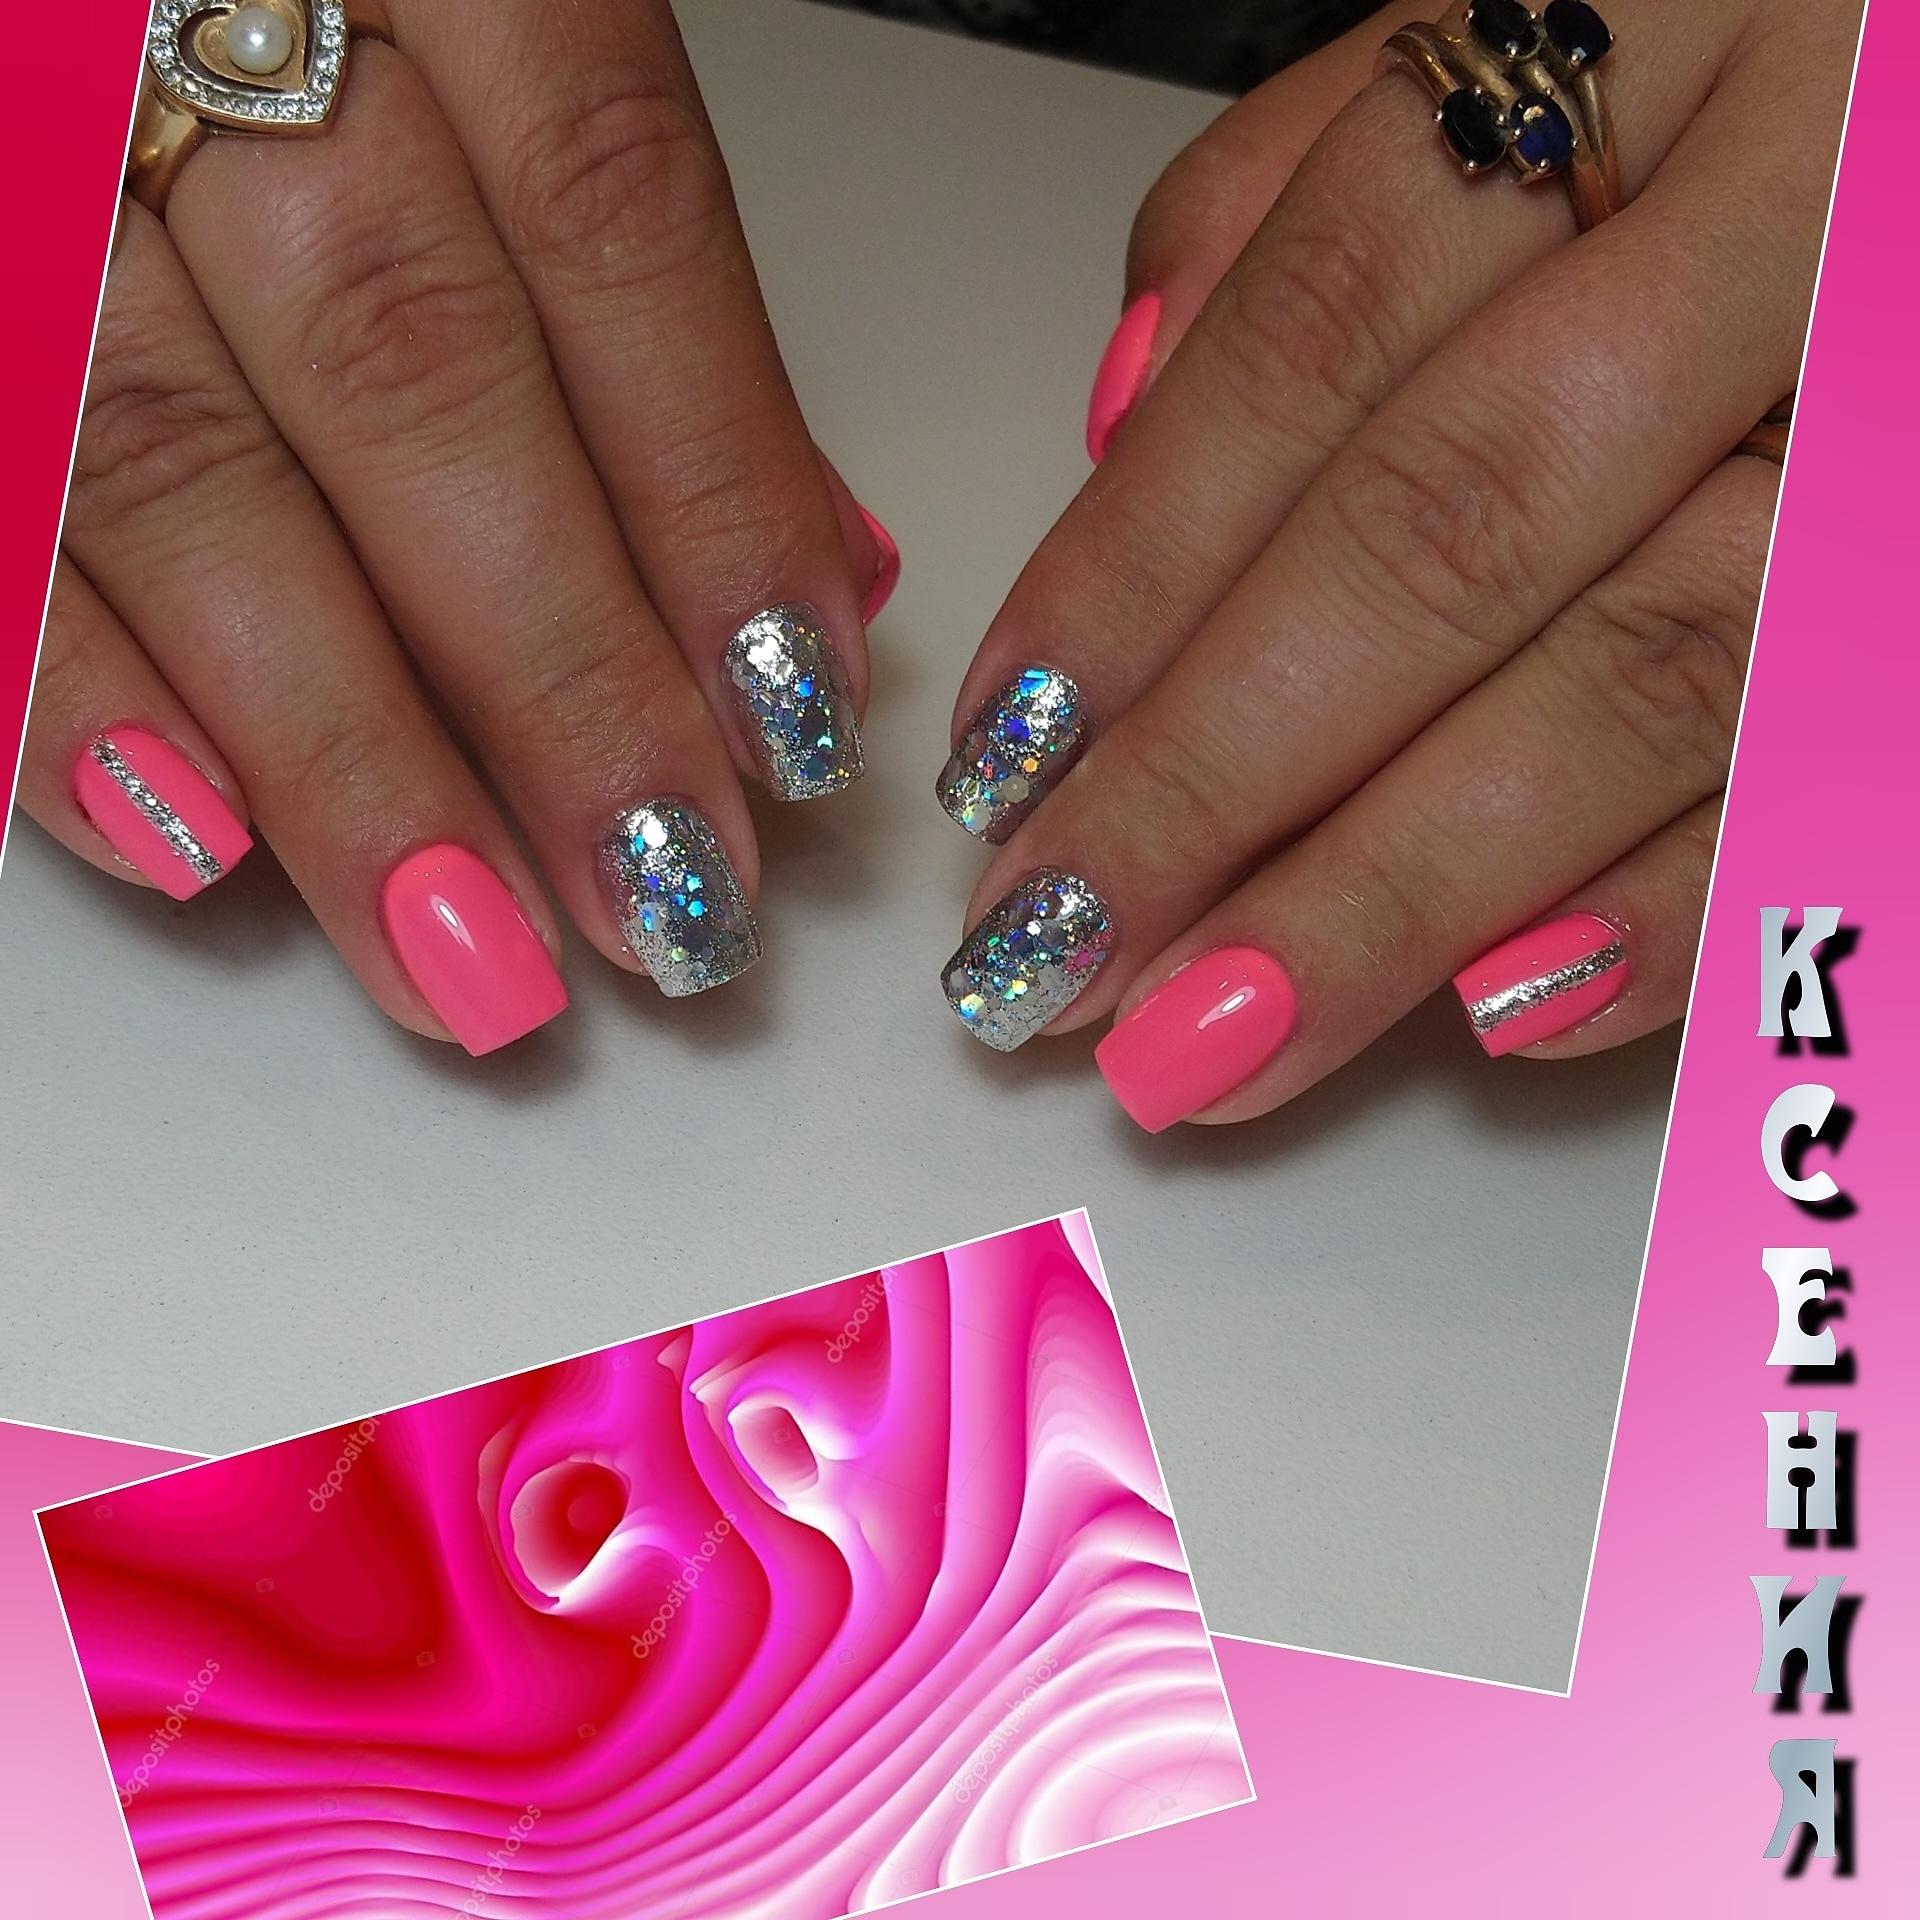 Маникюр с серебряными камифубуки в розовом цвете на короткие ногти.